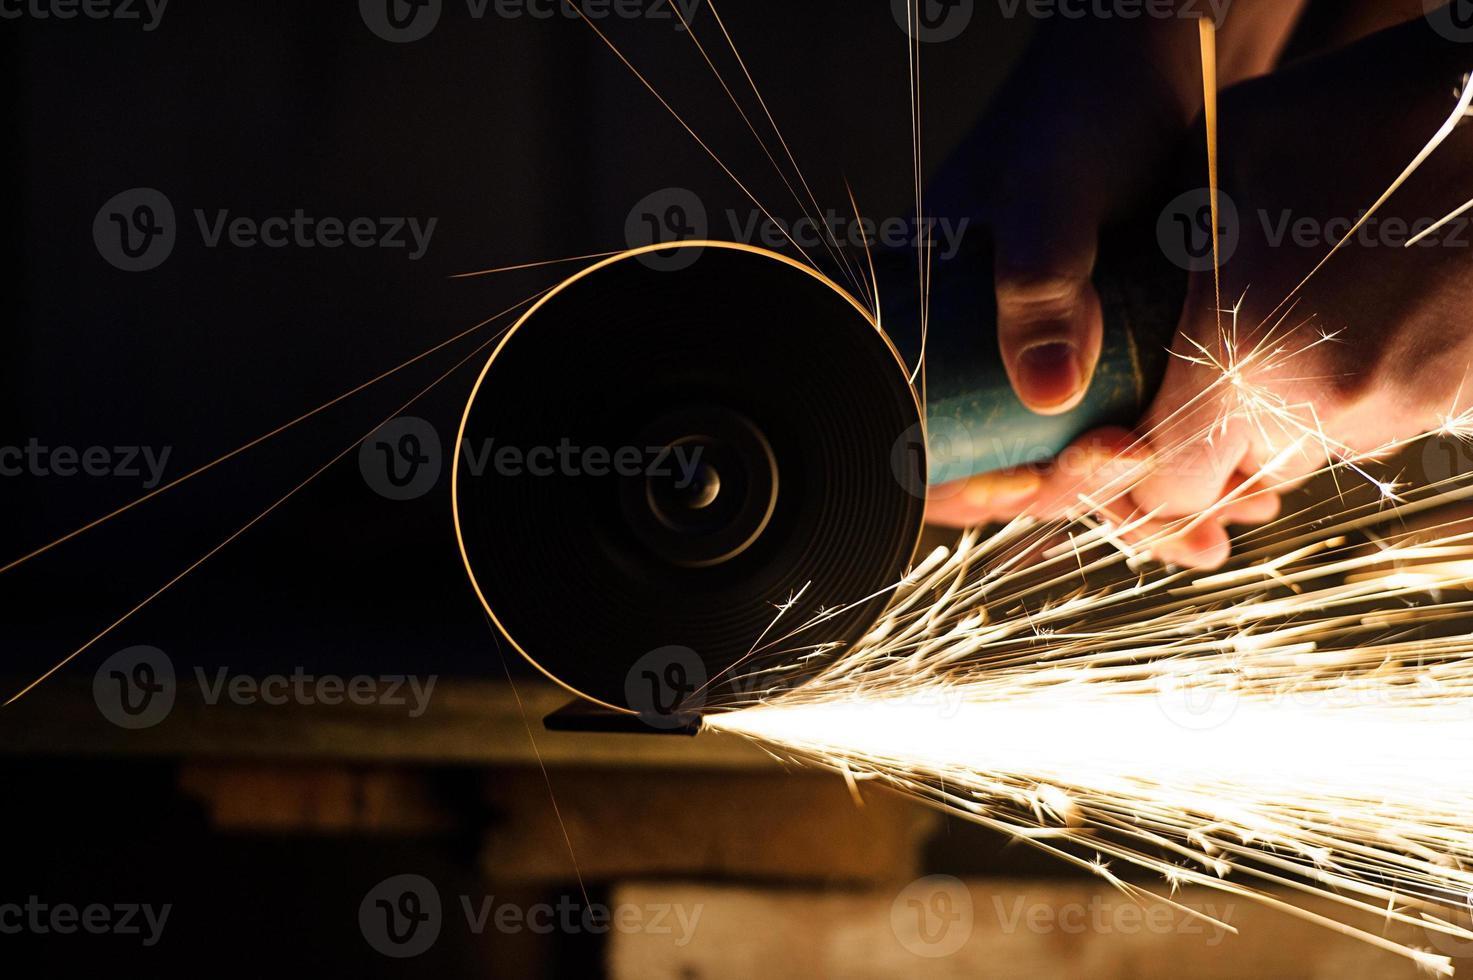 metallslipning på stålrör närbild foto